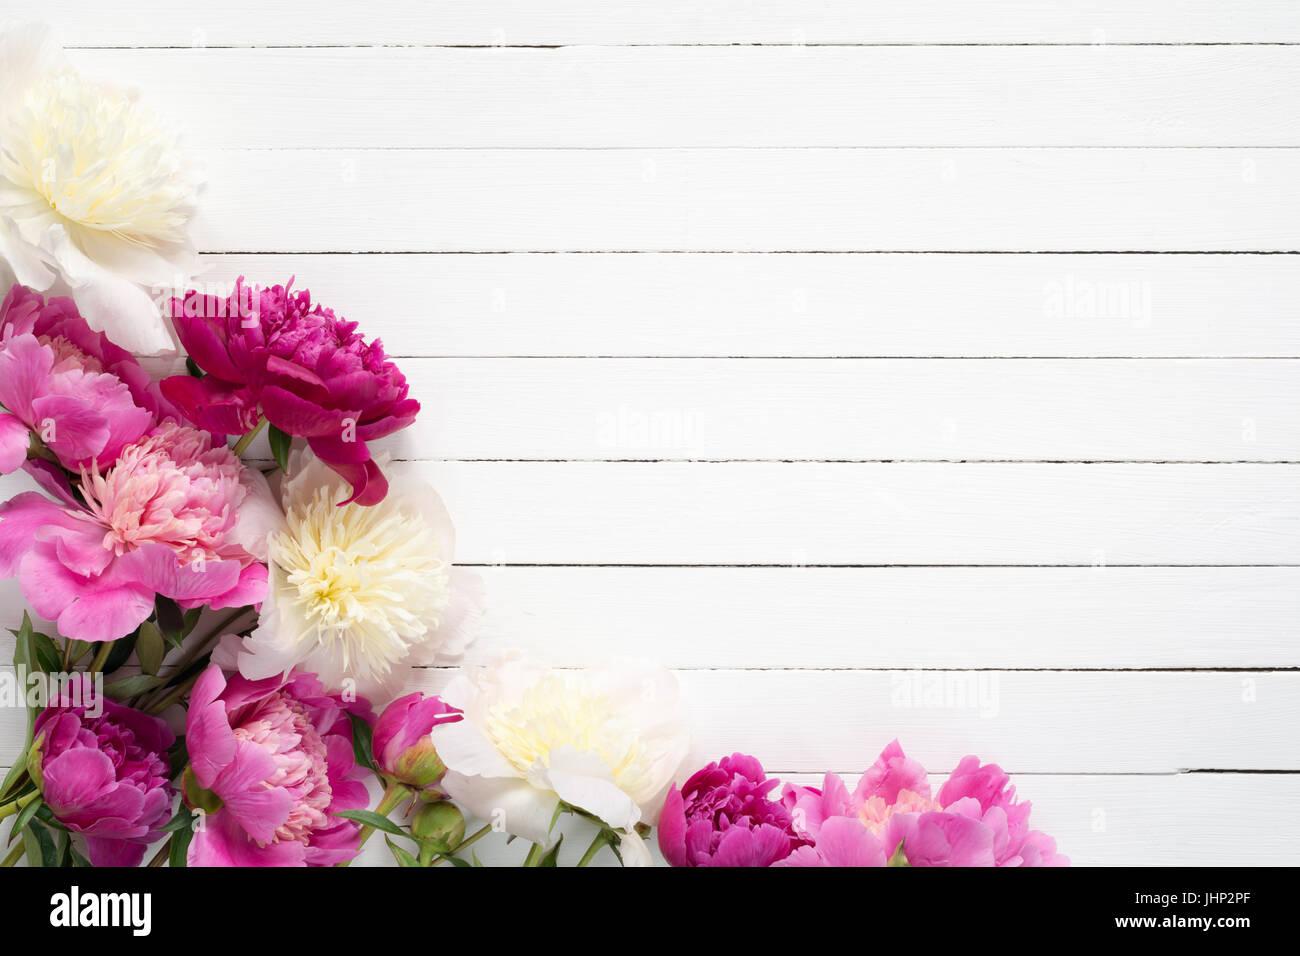 Cornice Floreale Sfondo Con Bella Rosa Viola E Bianco Le Peonie